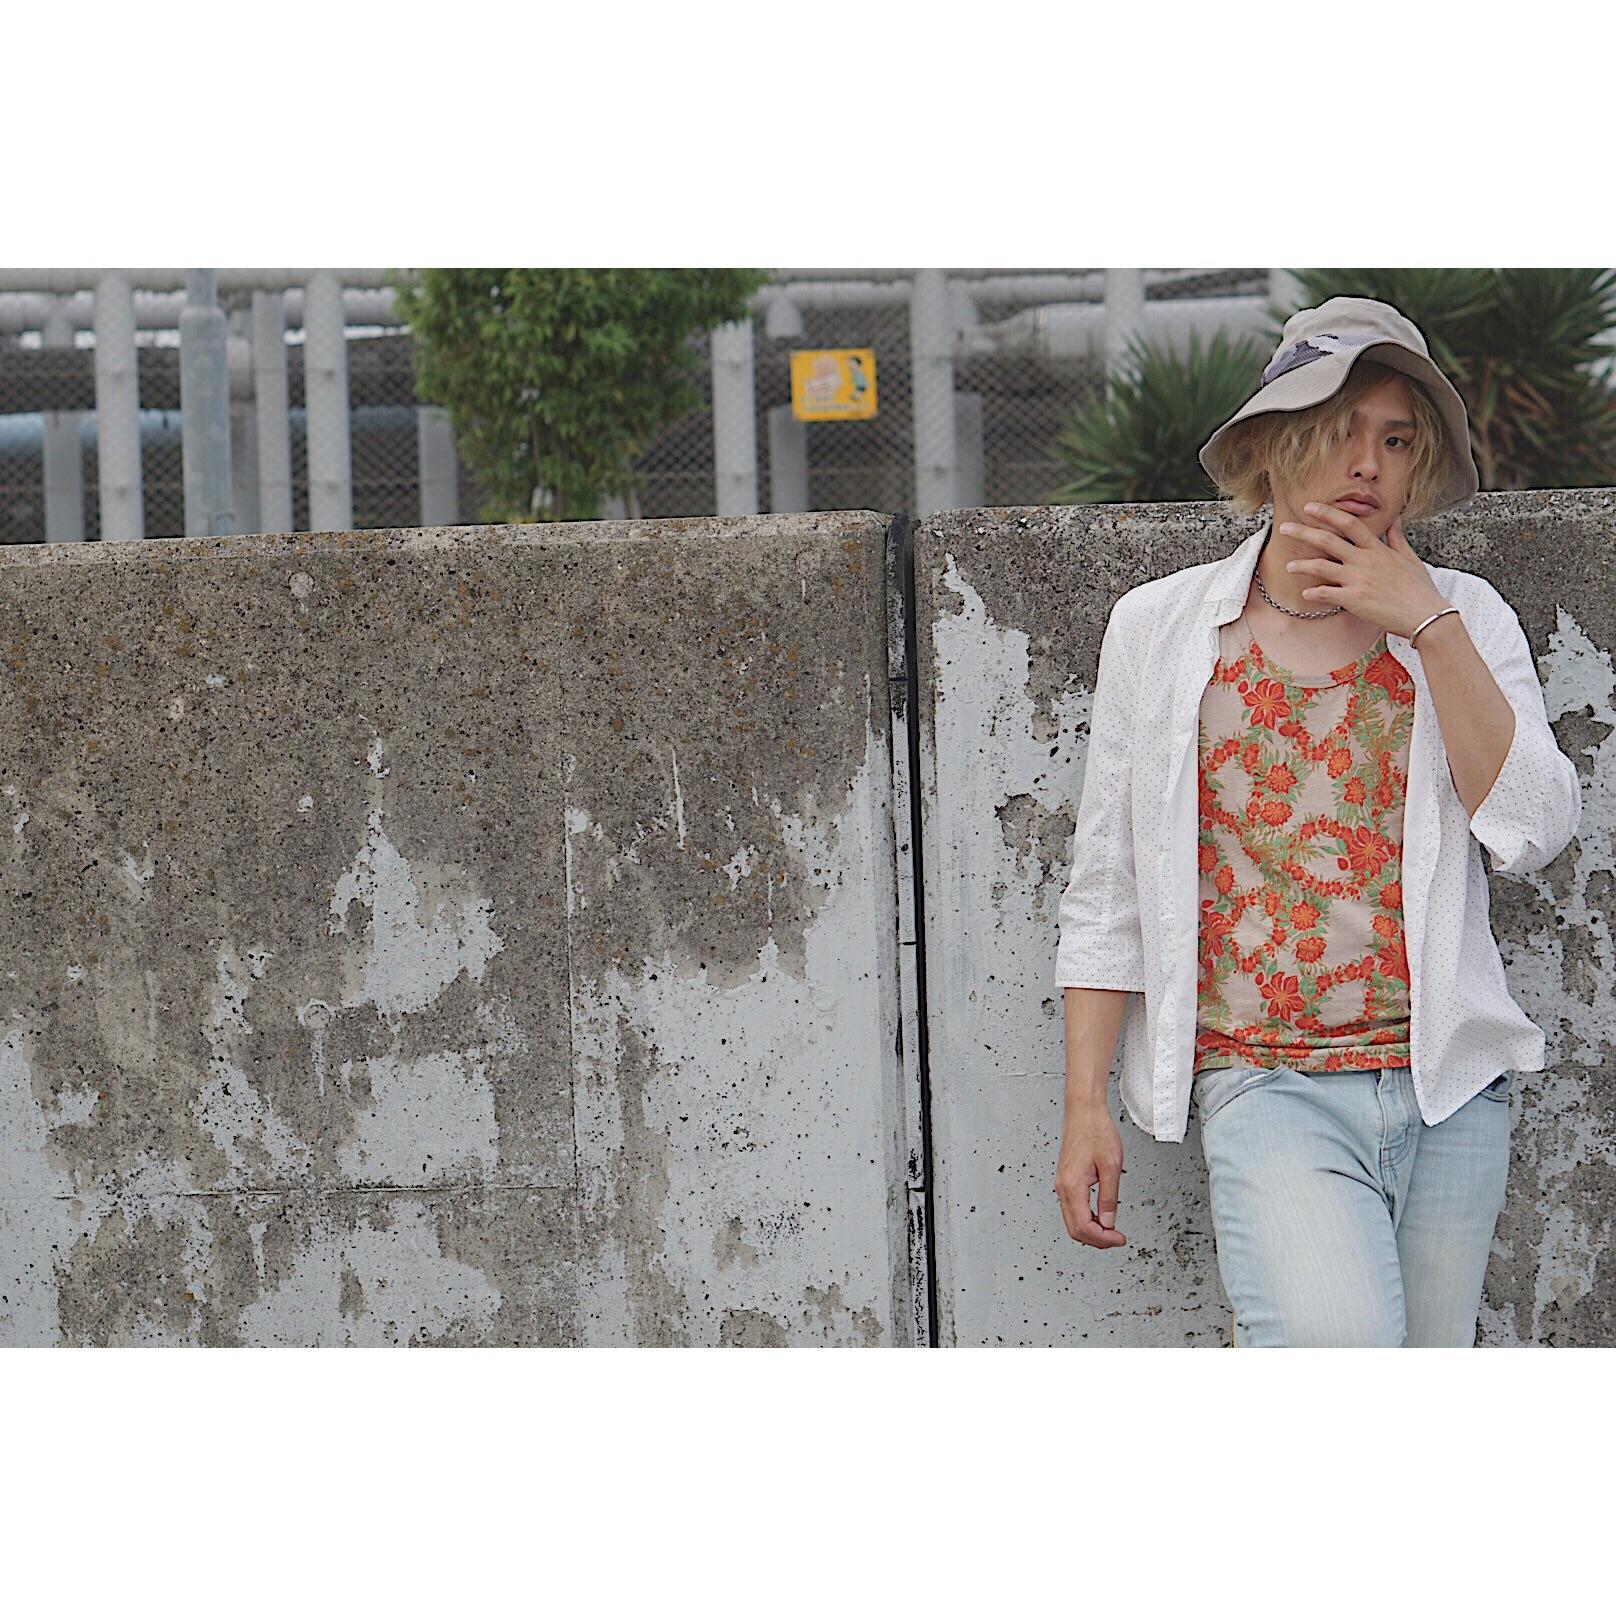 f:id:Yosuke0912:20180516183754j:image